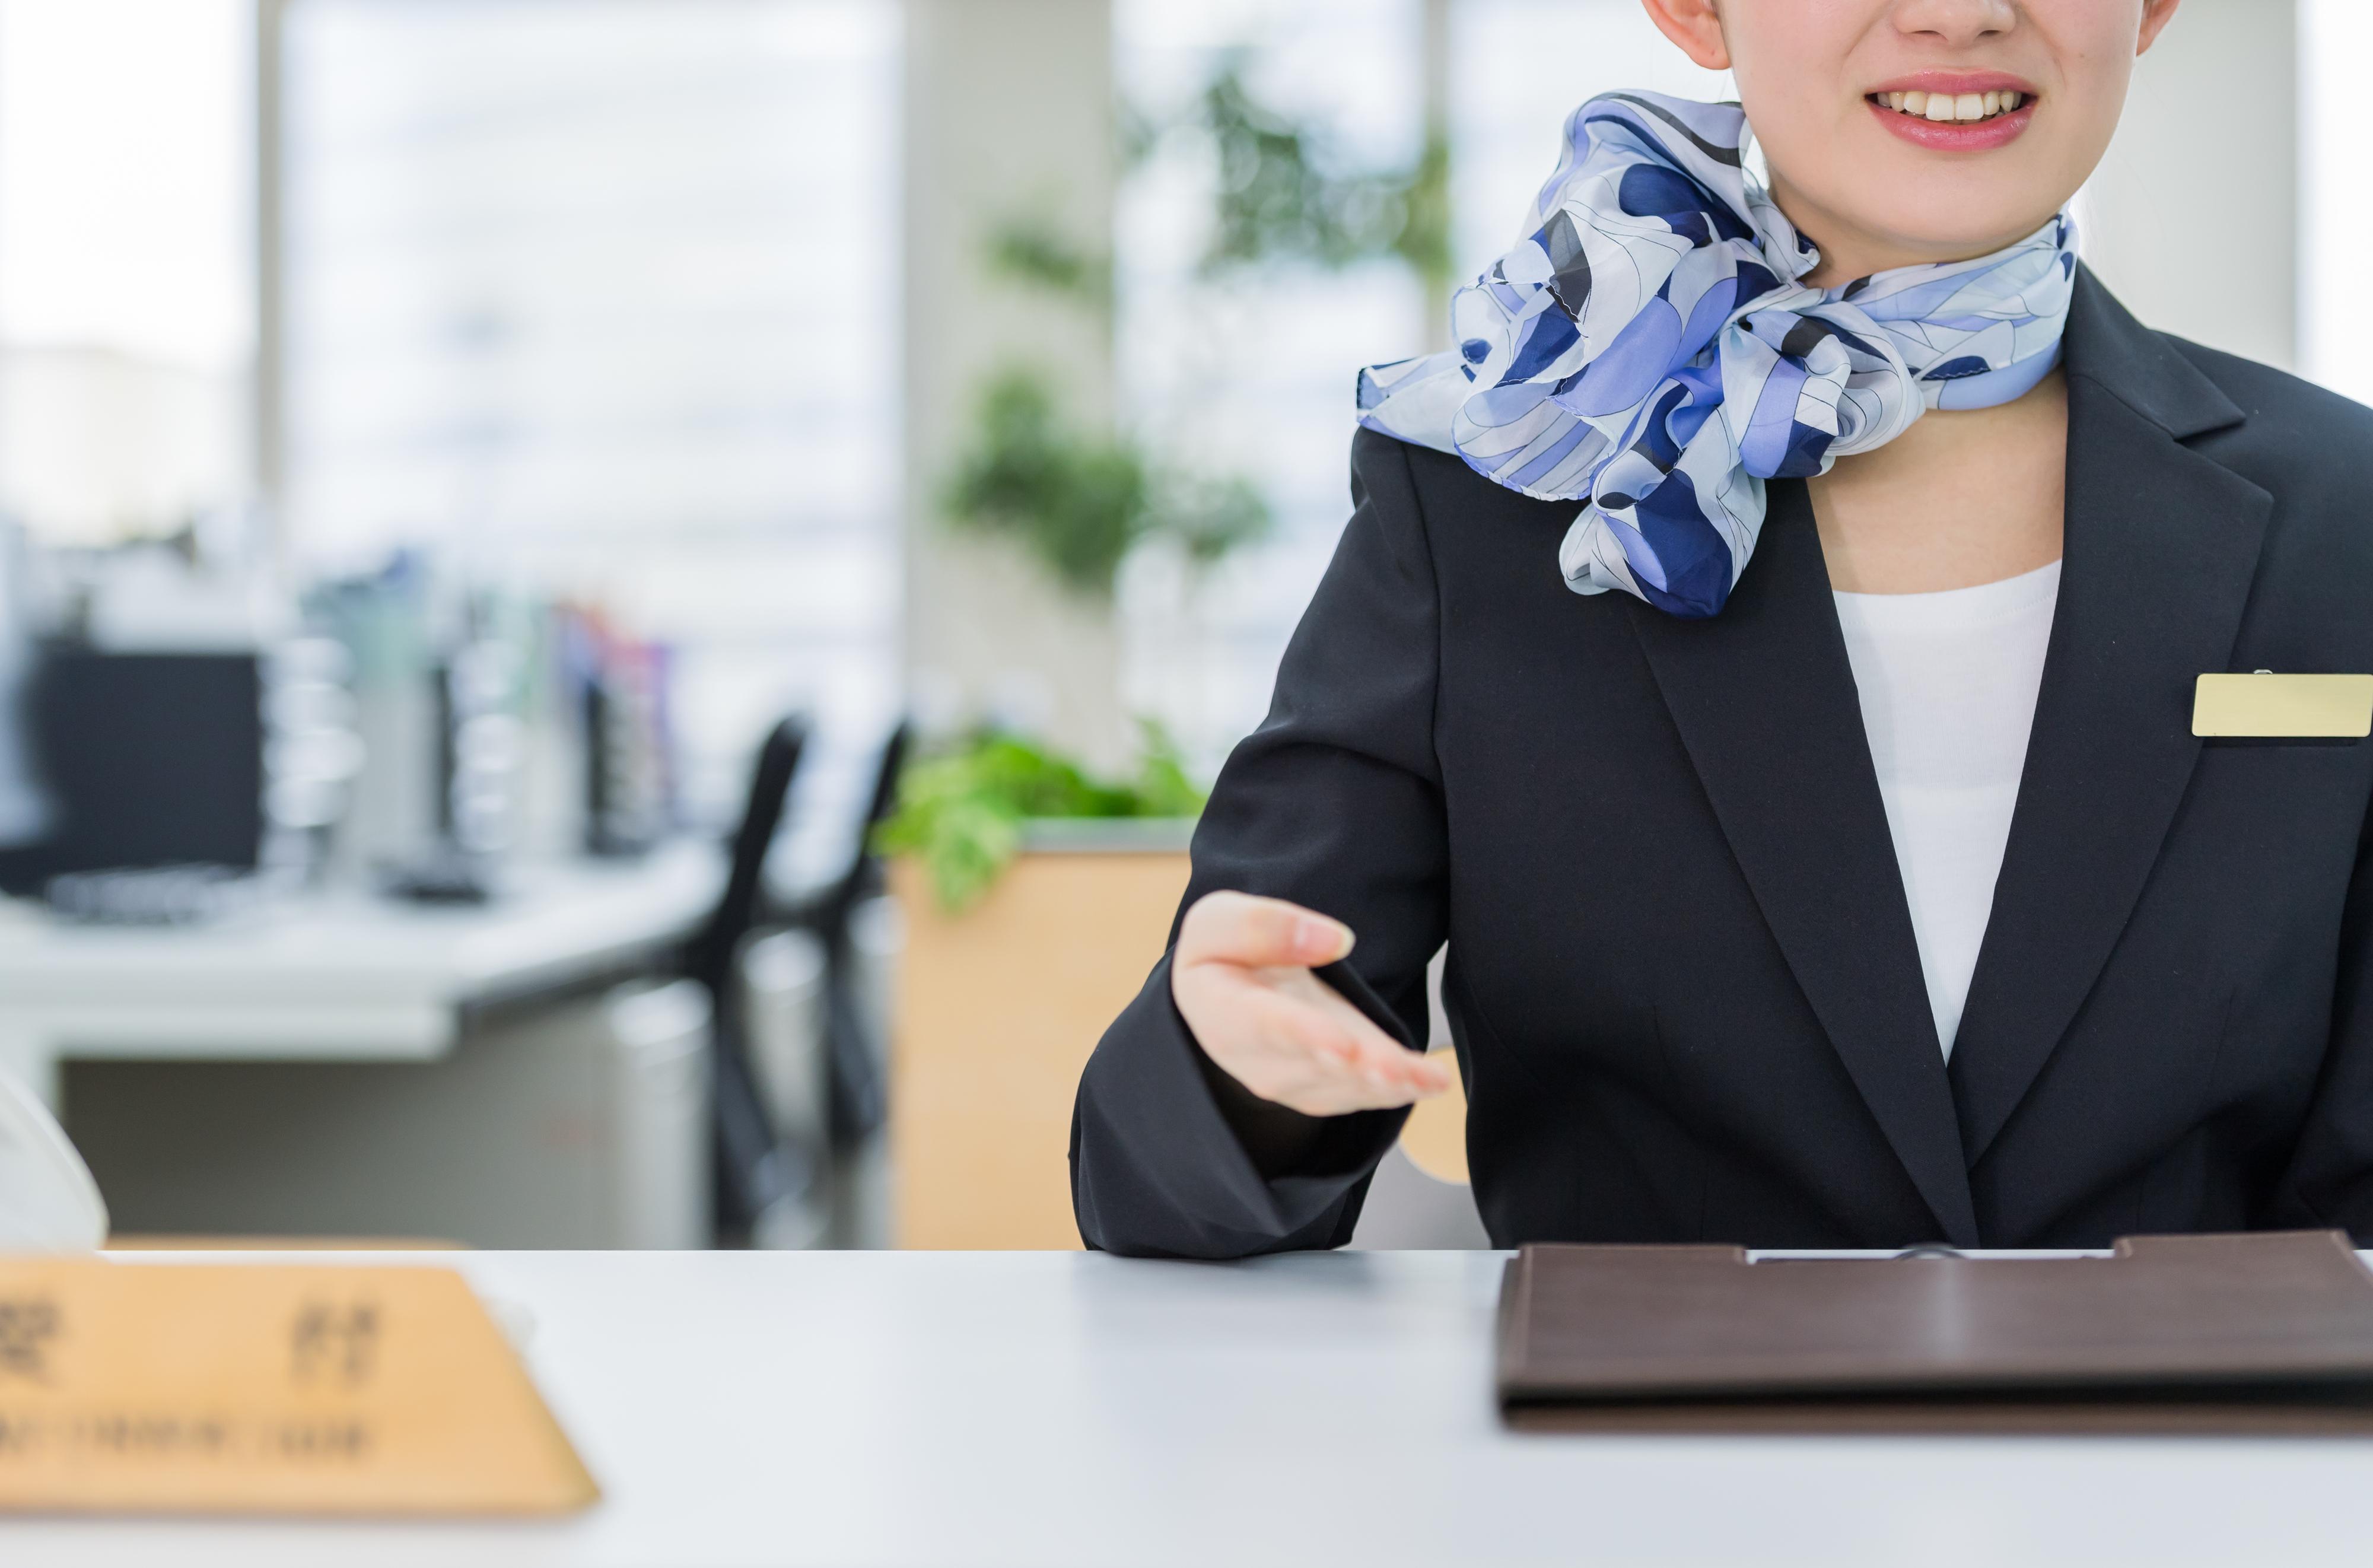 お金を借りたいのに審査が通らないのはなぜ?キャッシングと与信業務の仕組みを知っておこう!